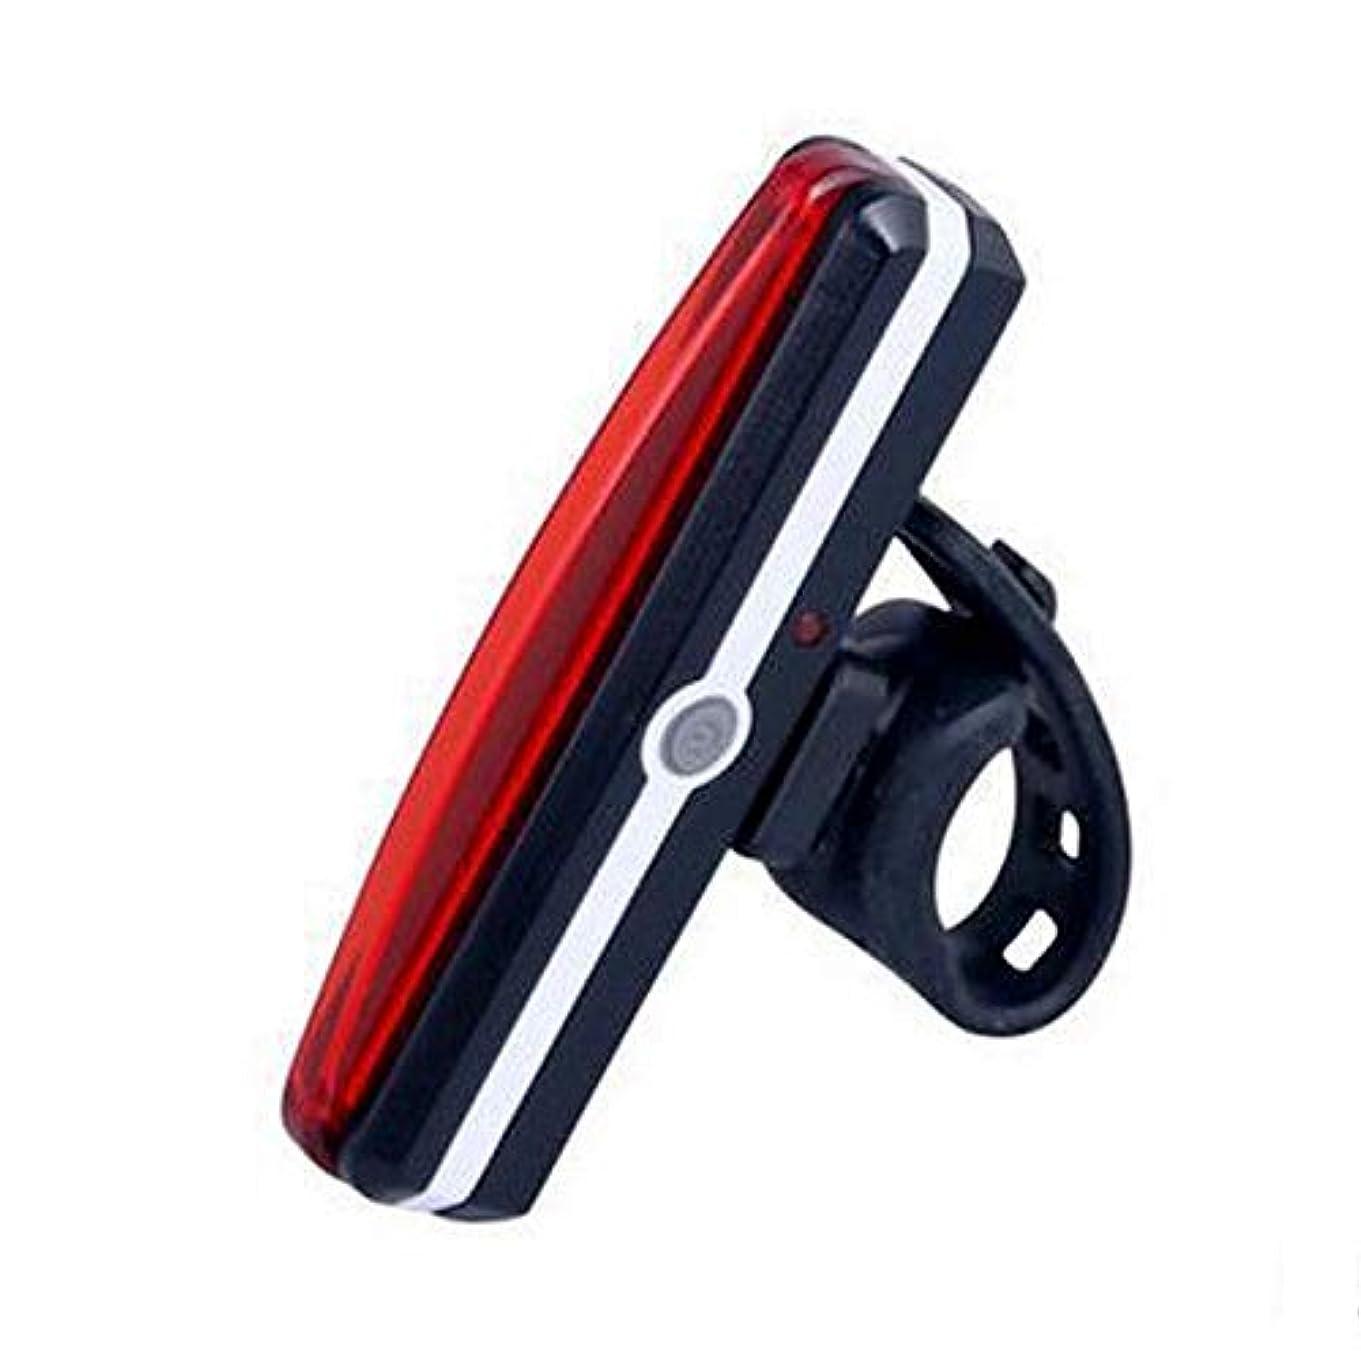 不承認はっきりしない揺れる自転車のテールライト IPX6防水 夜間走行の視認性をアピール COB LED USB充電可USBケーブル付き